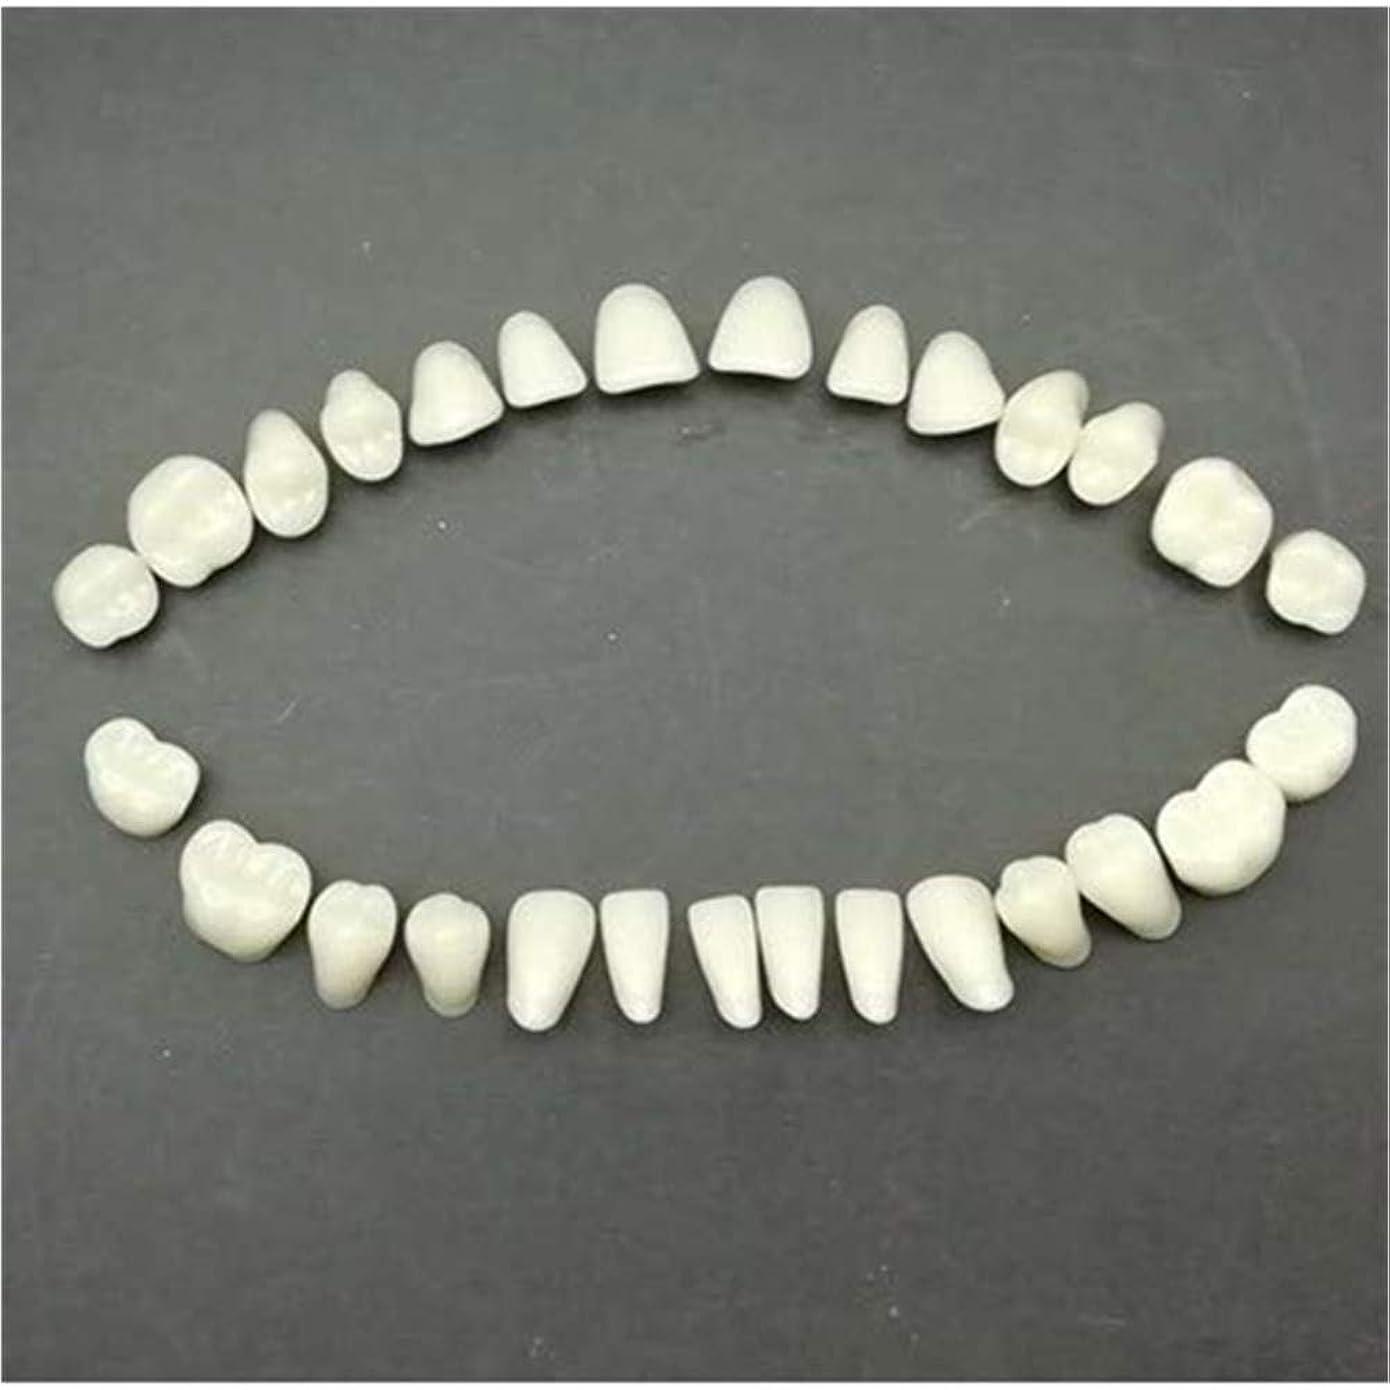 永続麦芽絶壁QITOO 歯 入れ歯 歯 歯 アクリル 樹脂 歯 フルセット ハロウィン ホラー 小道具